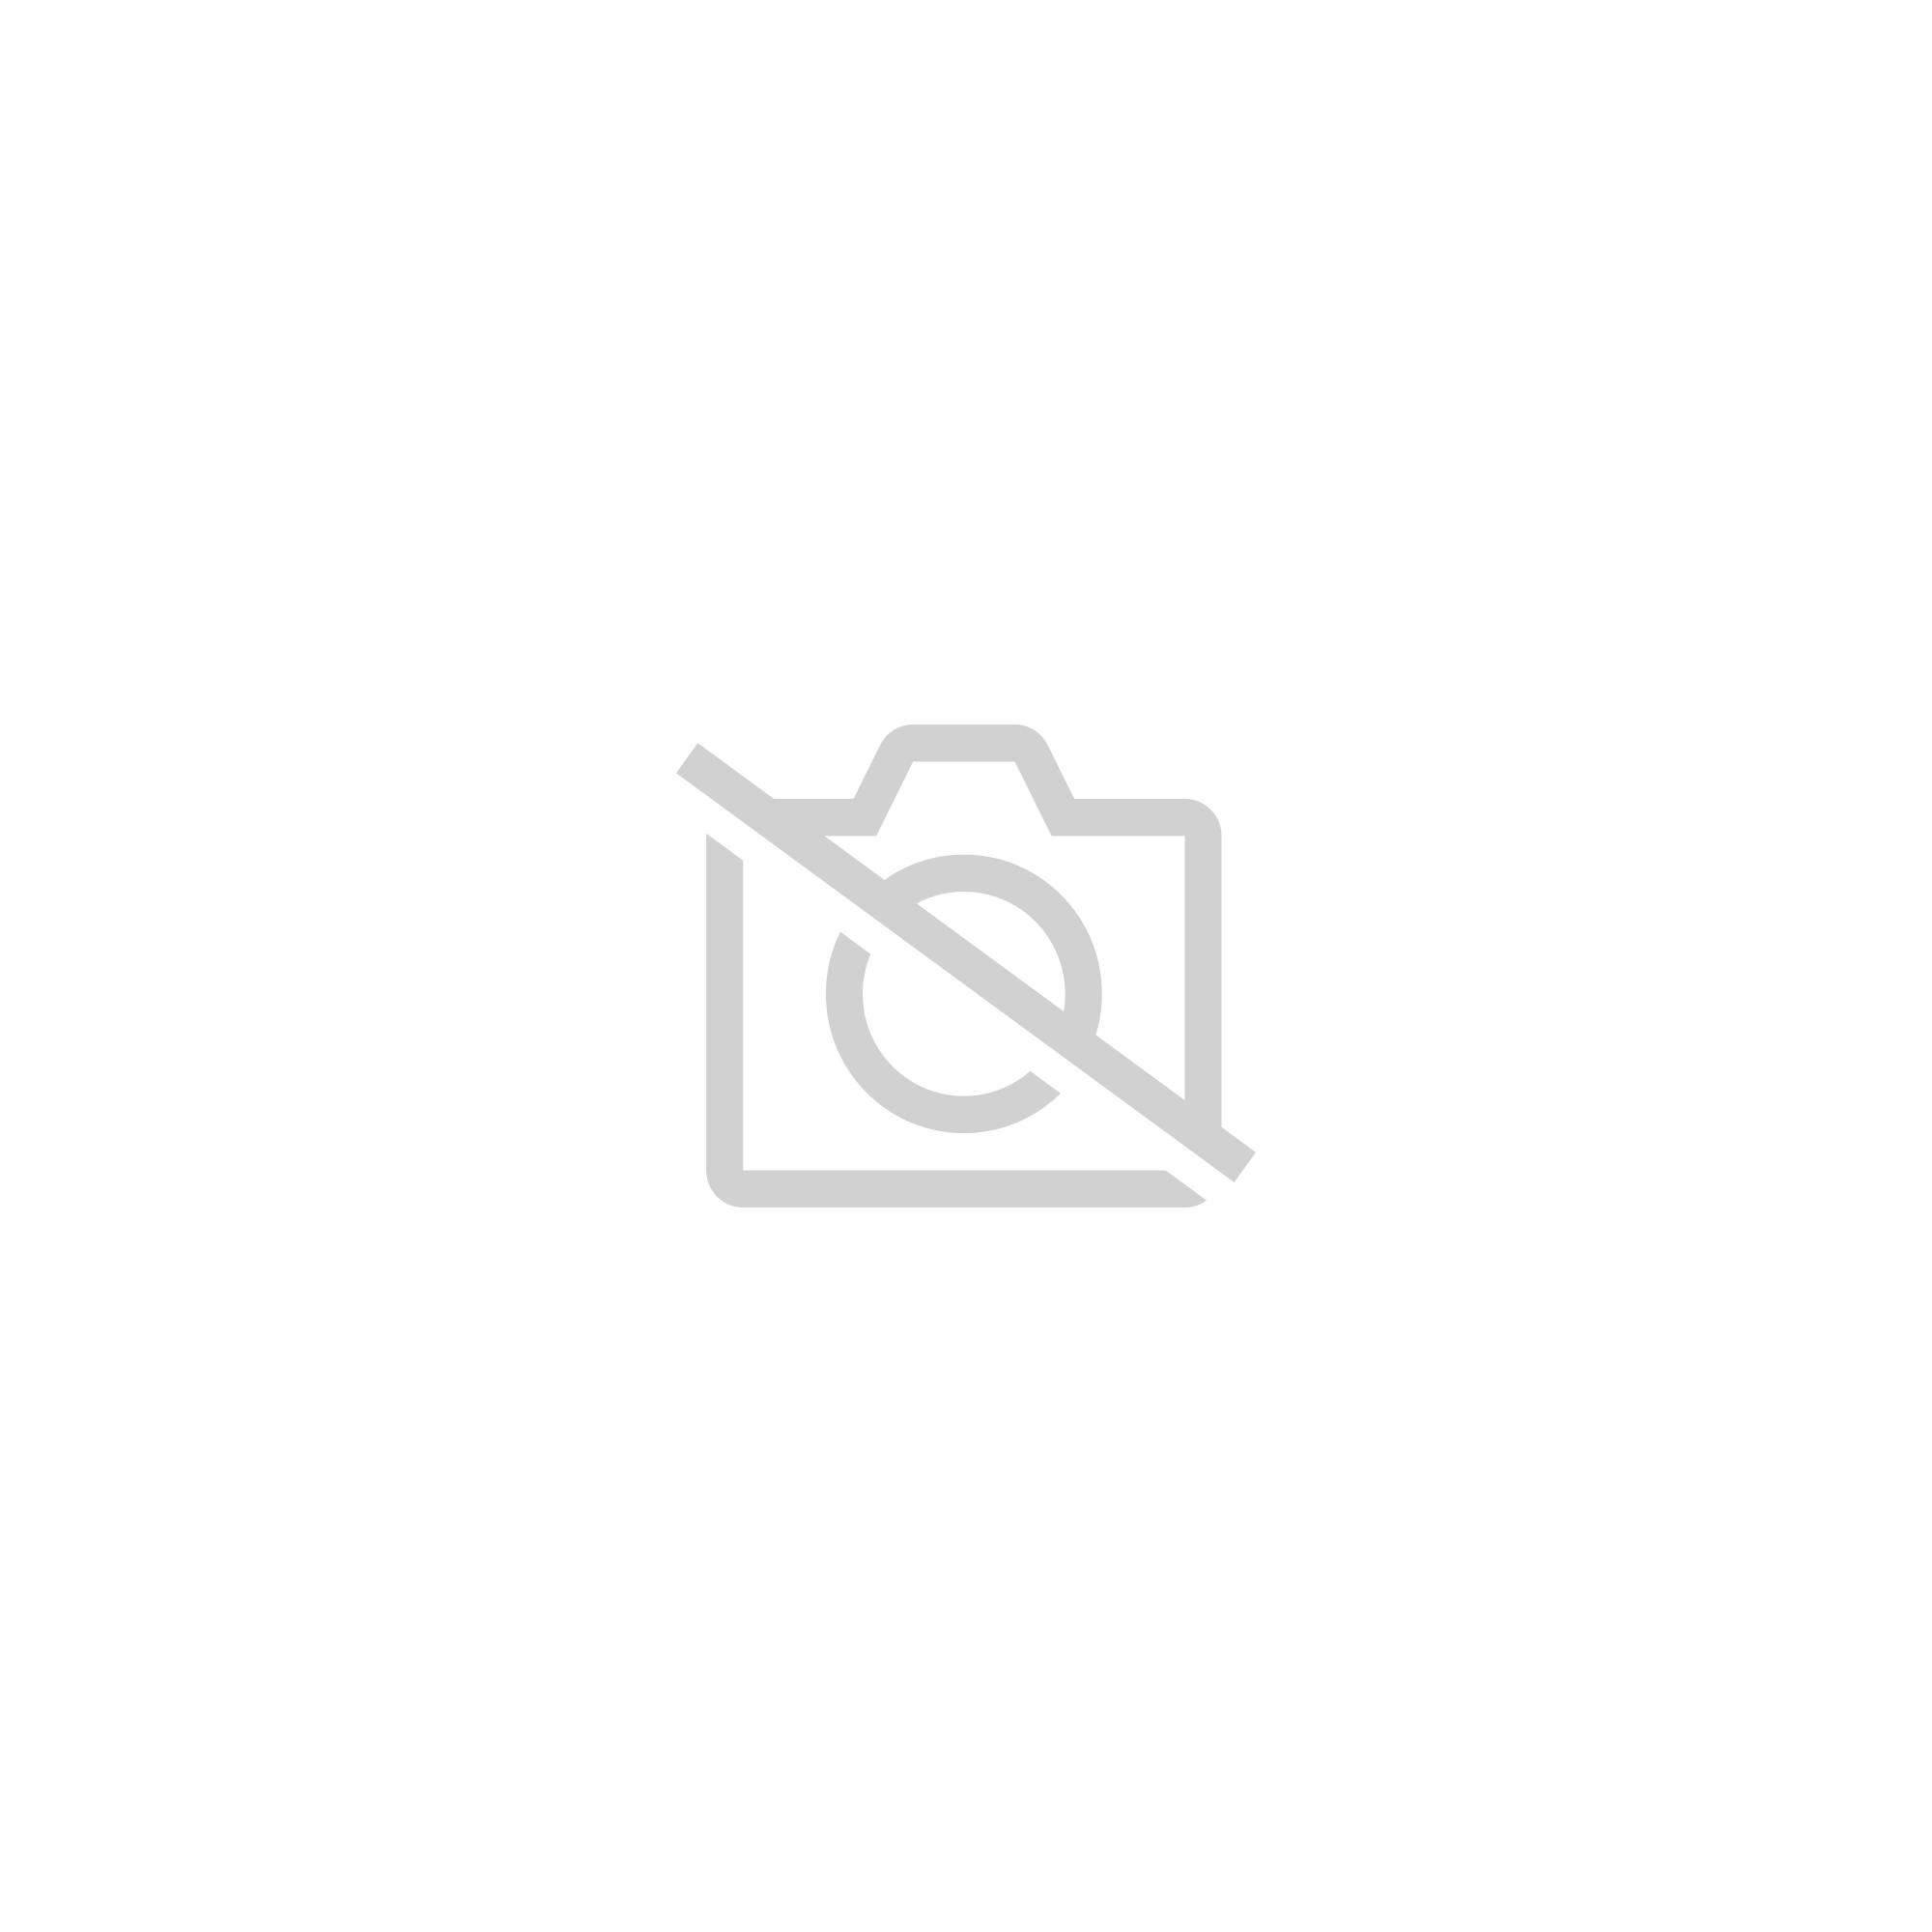 Xm Antique En Bois Coucou Horloge Murale Oiseau Temps Cloche Balancoire Alarme Montre Maison Art Decor Maison Jour Heure Alarme Rakuten